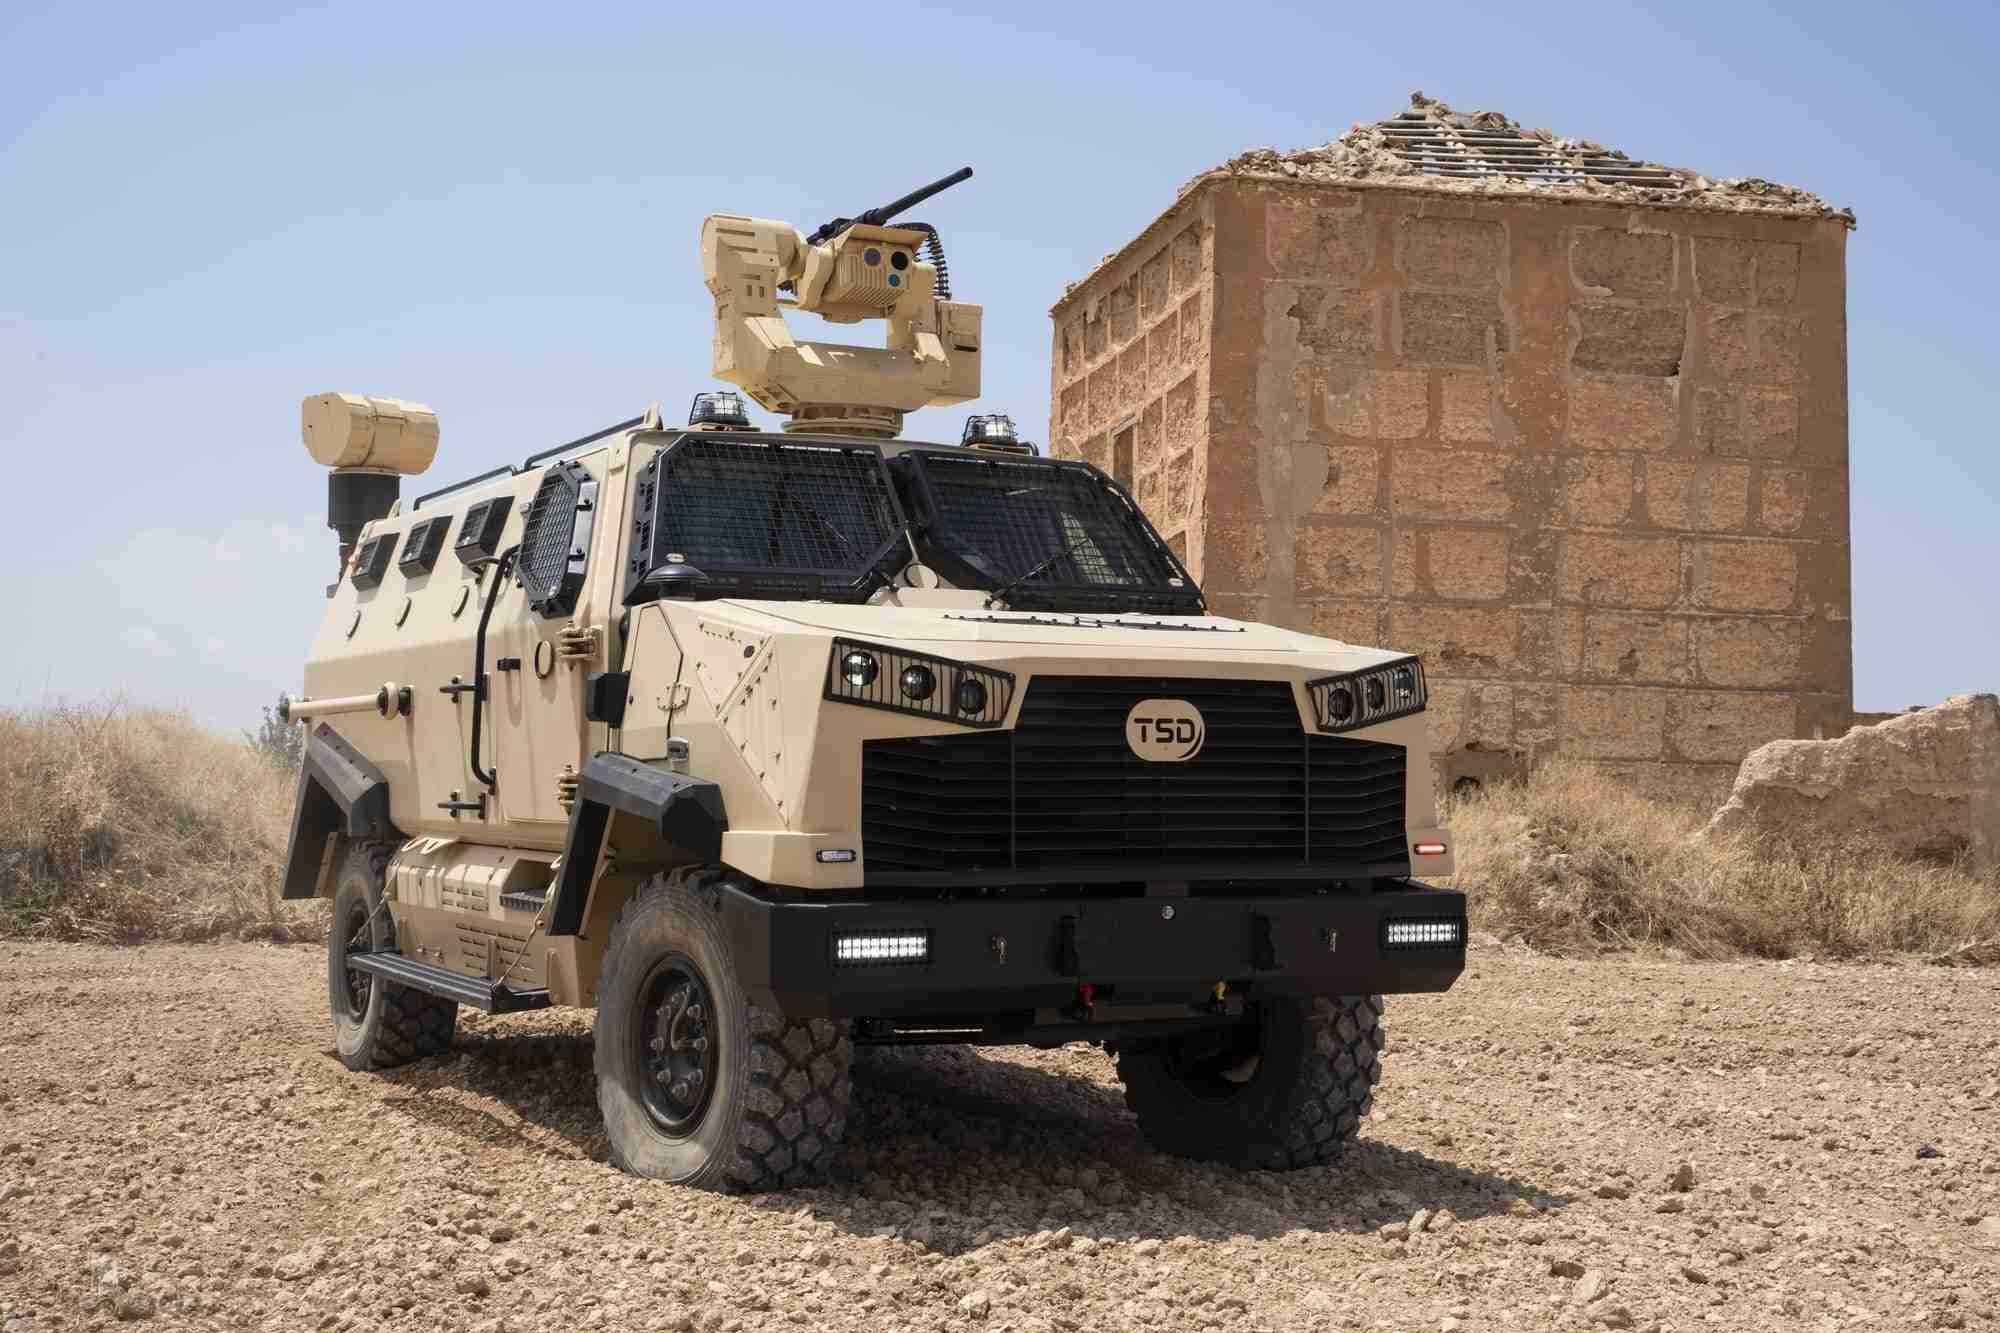 TSD presenta IBERO, un vehículo táctico multipropósito, con adaptabilidad y versatilidad 15